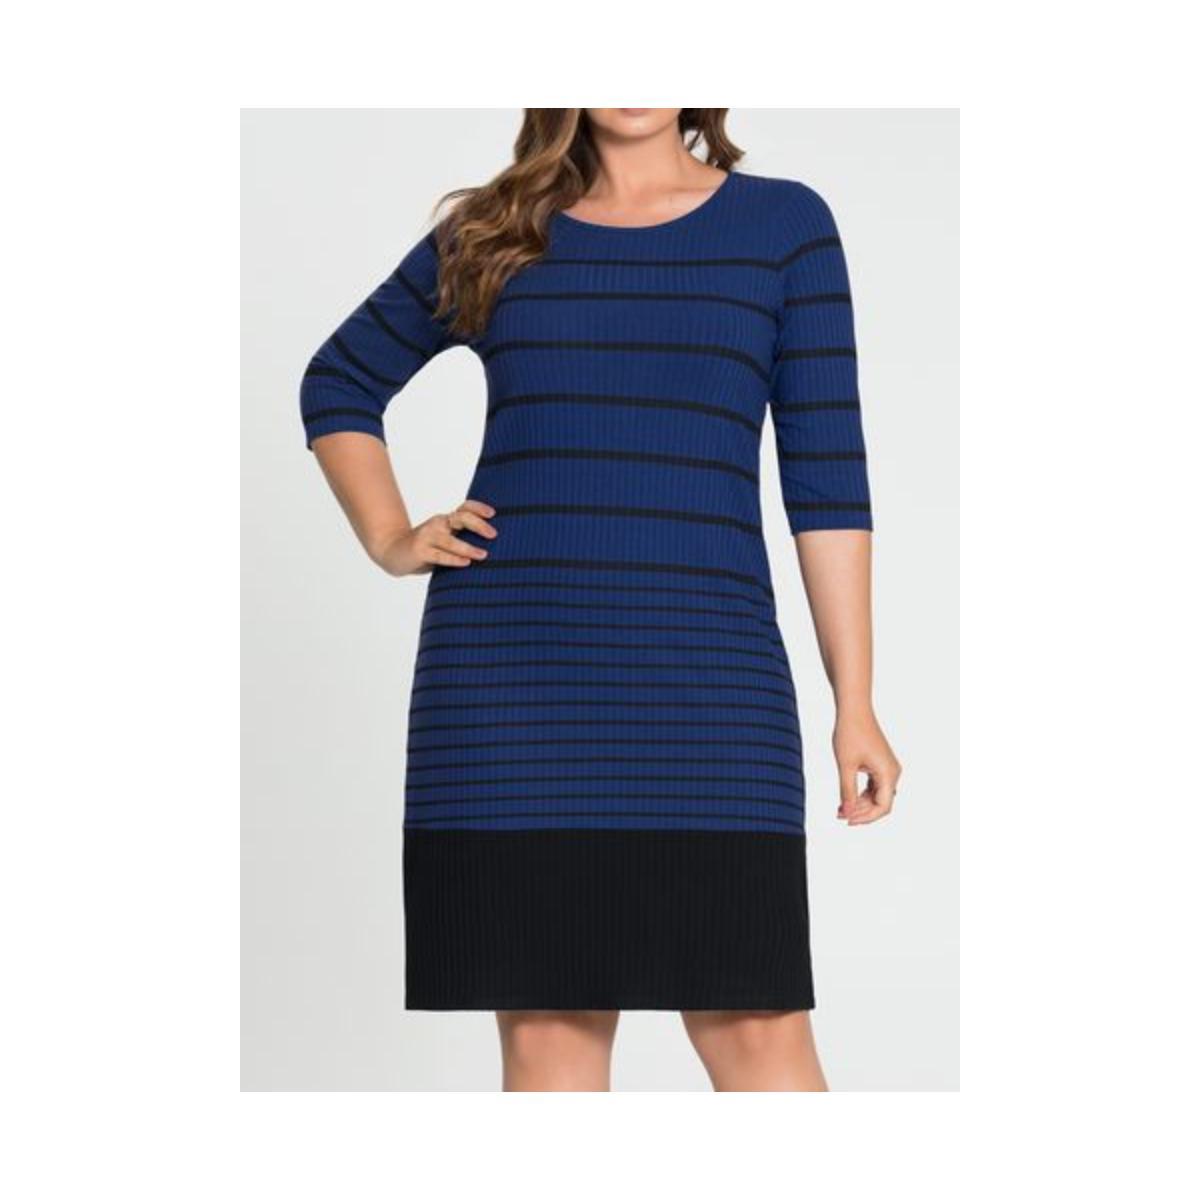 Vestido Feminino Lunender 60187 Azul